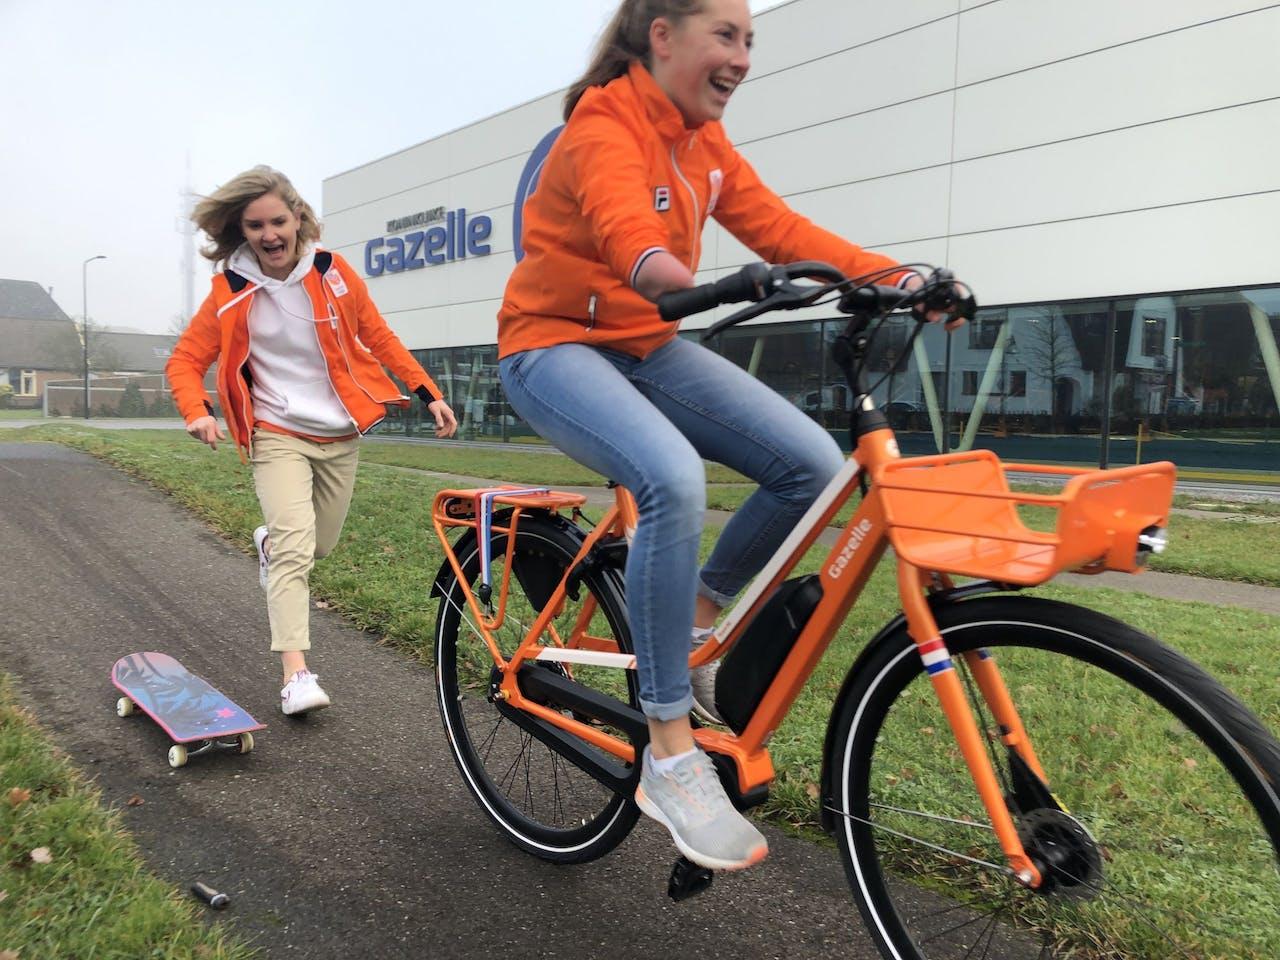 De Gazelle-fiets voor de Olympische Spelen in Tokio